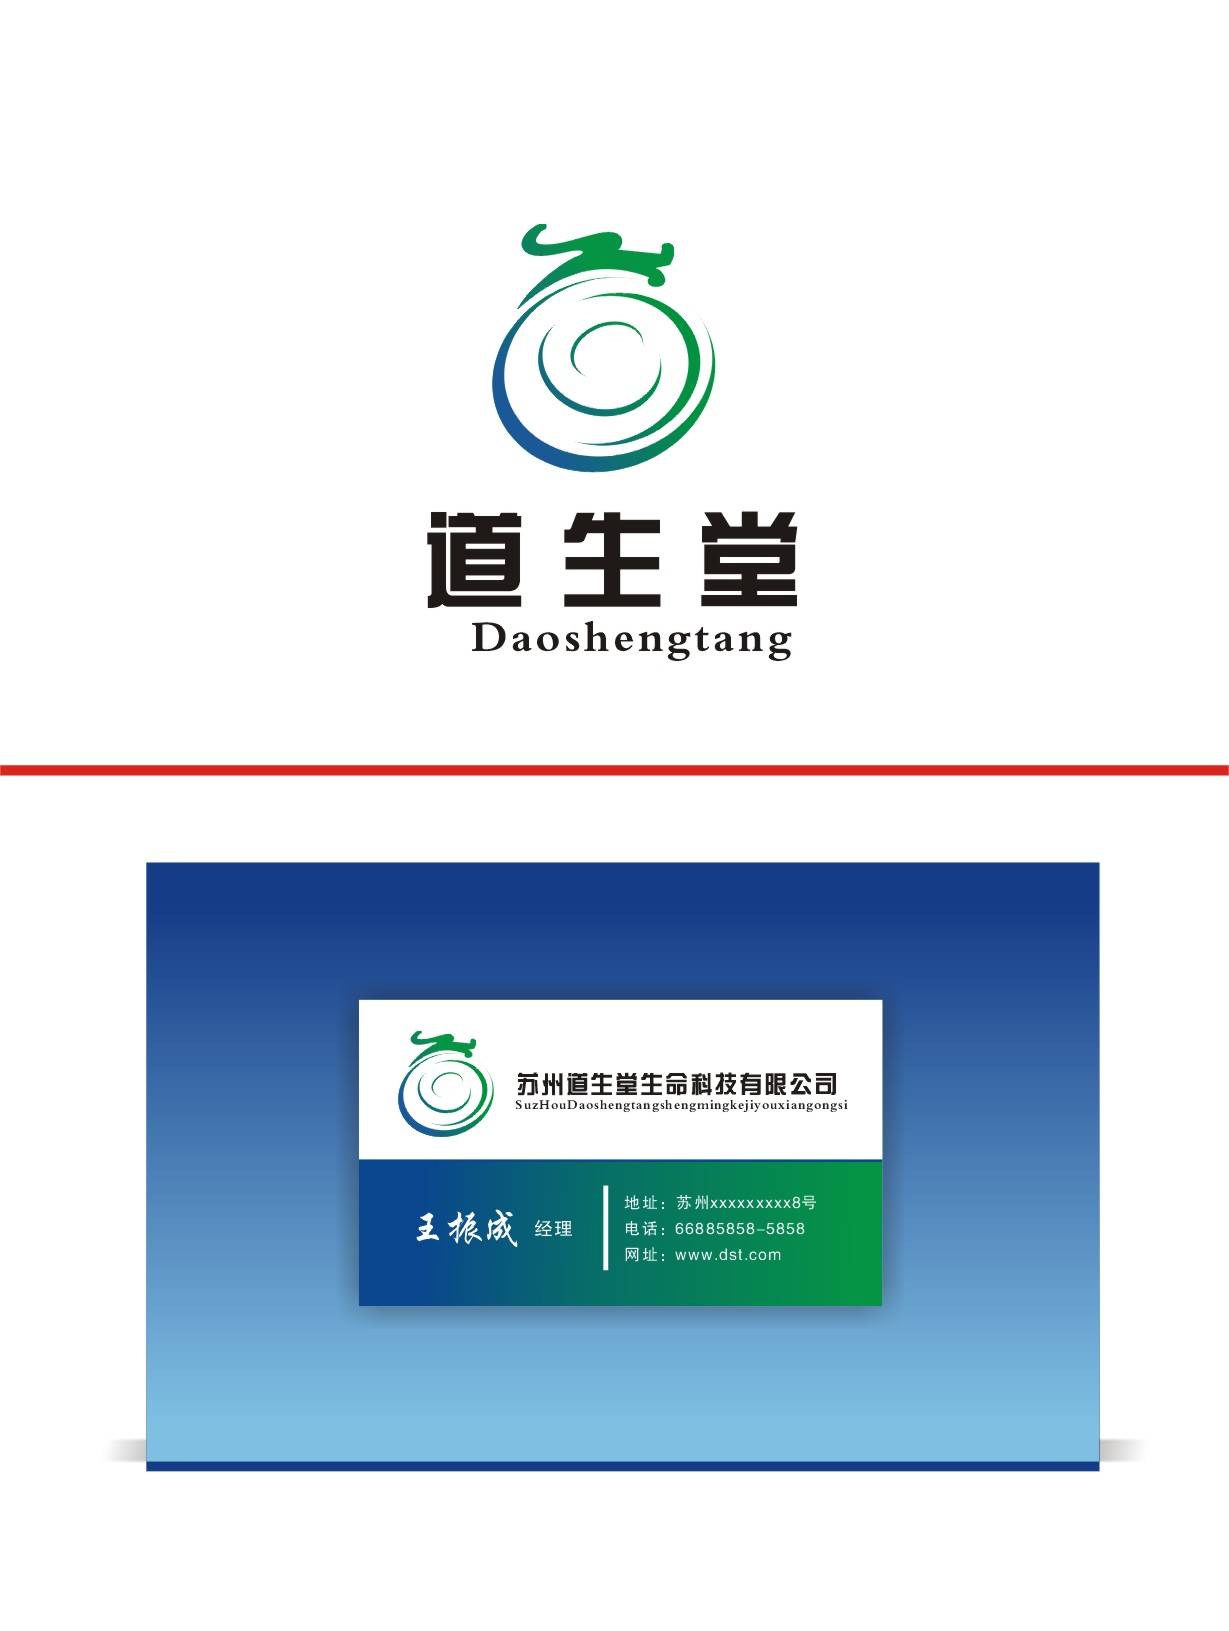 养生公司logo设计